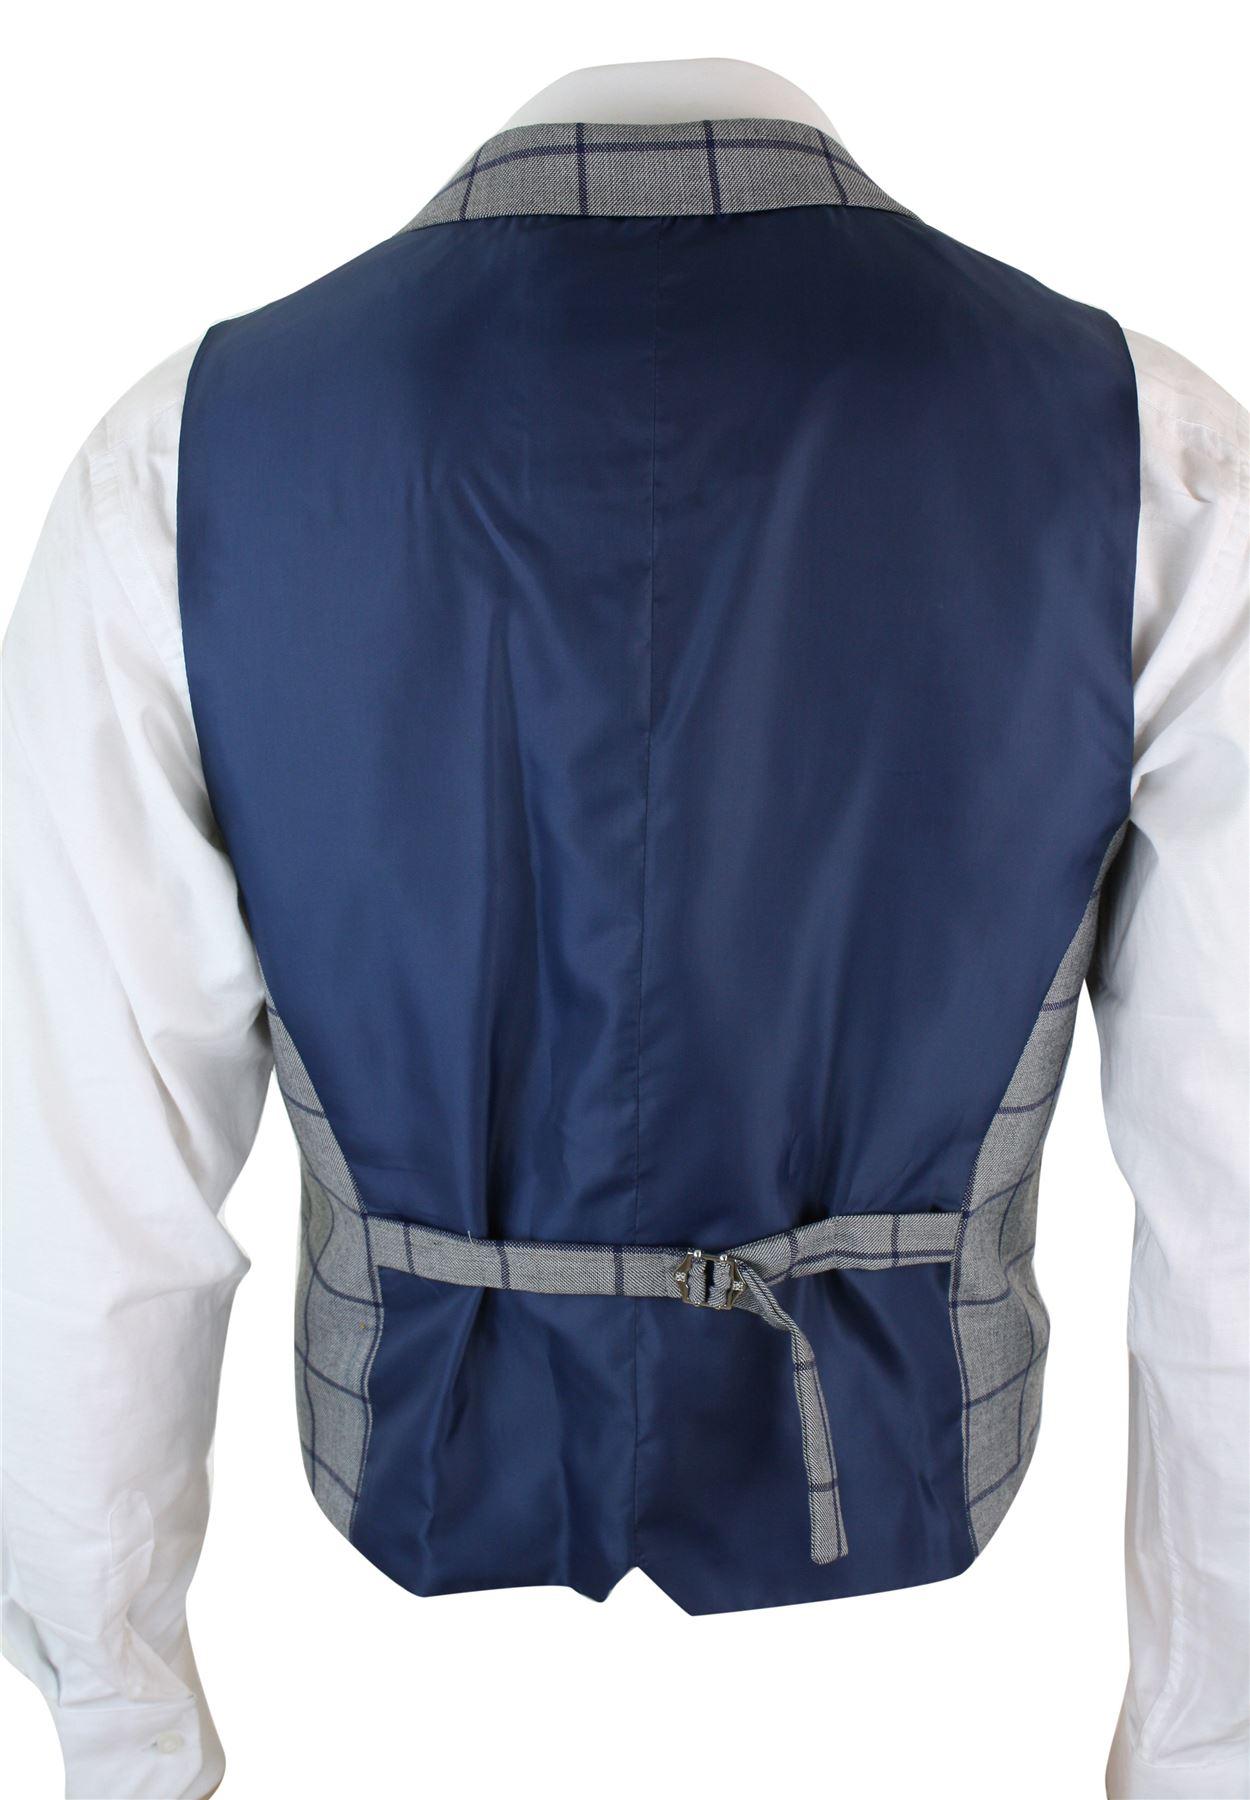 Mens-Double-Breasted-Herringbone-Tweed-Peaky-Blinders-Vintage-Check-Waistcoat miniatuur 5